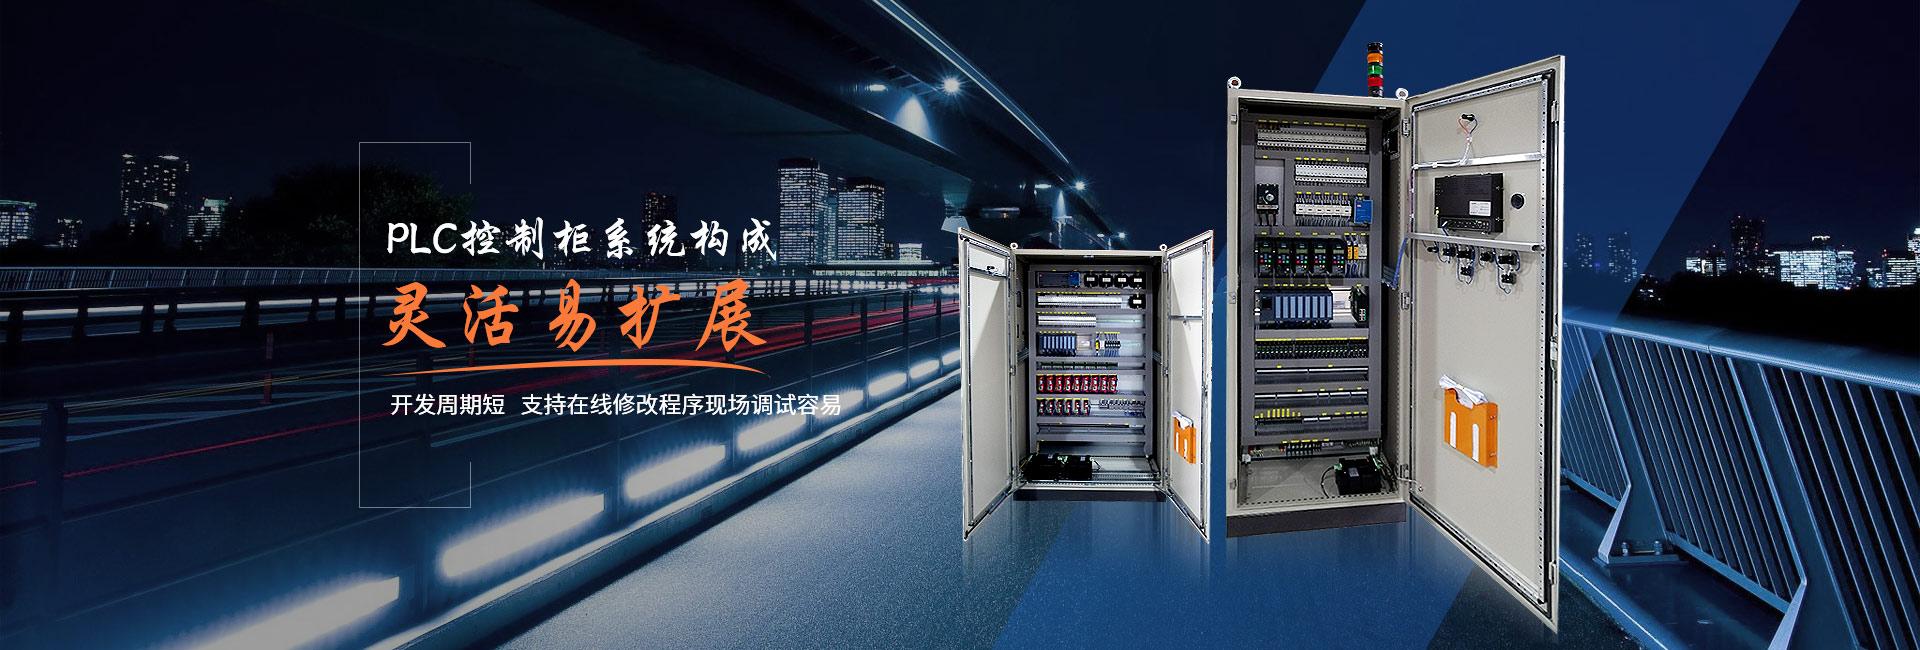 华普拓PLC控制柜系统构成、灵活易扩展